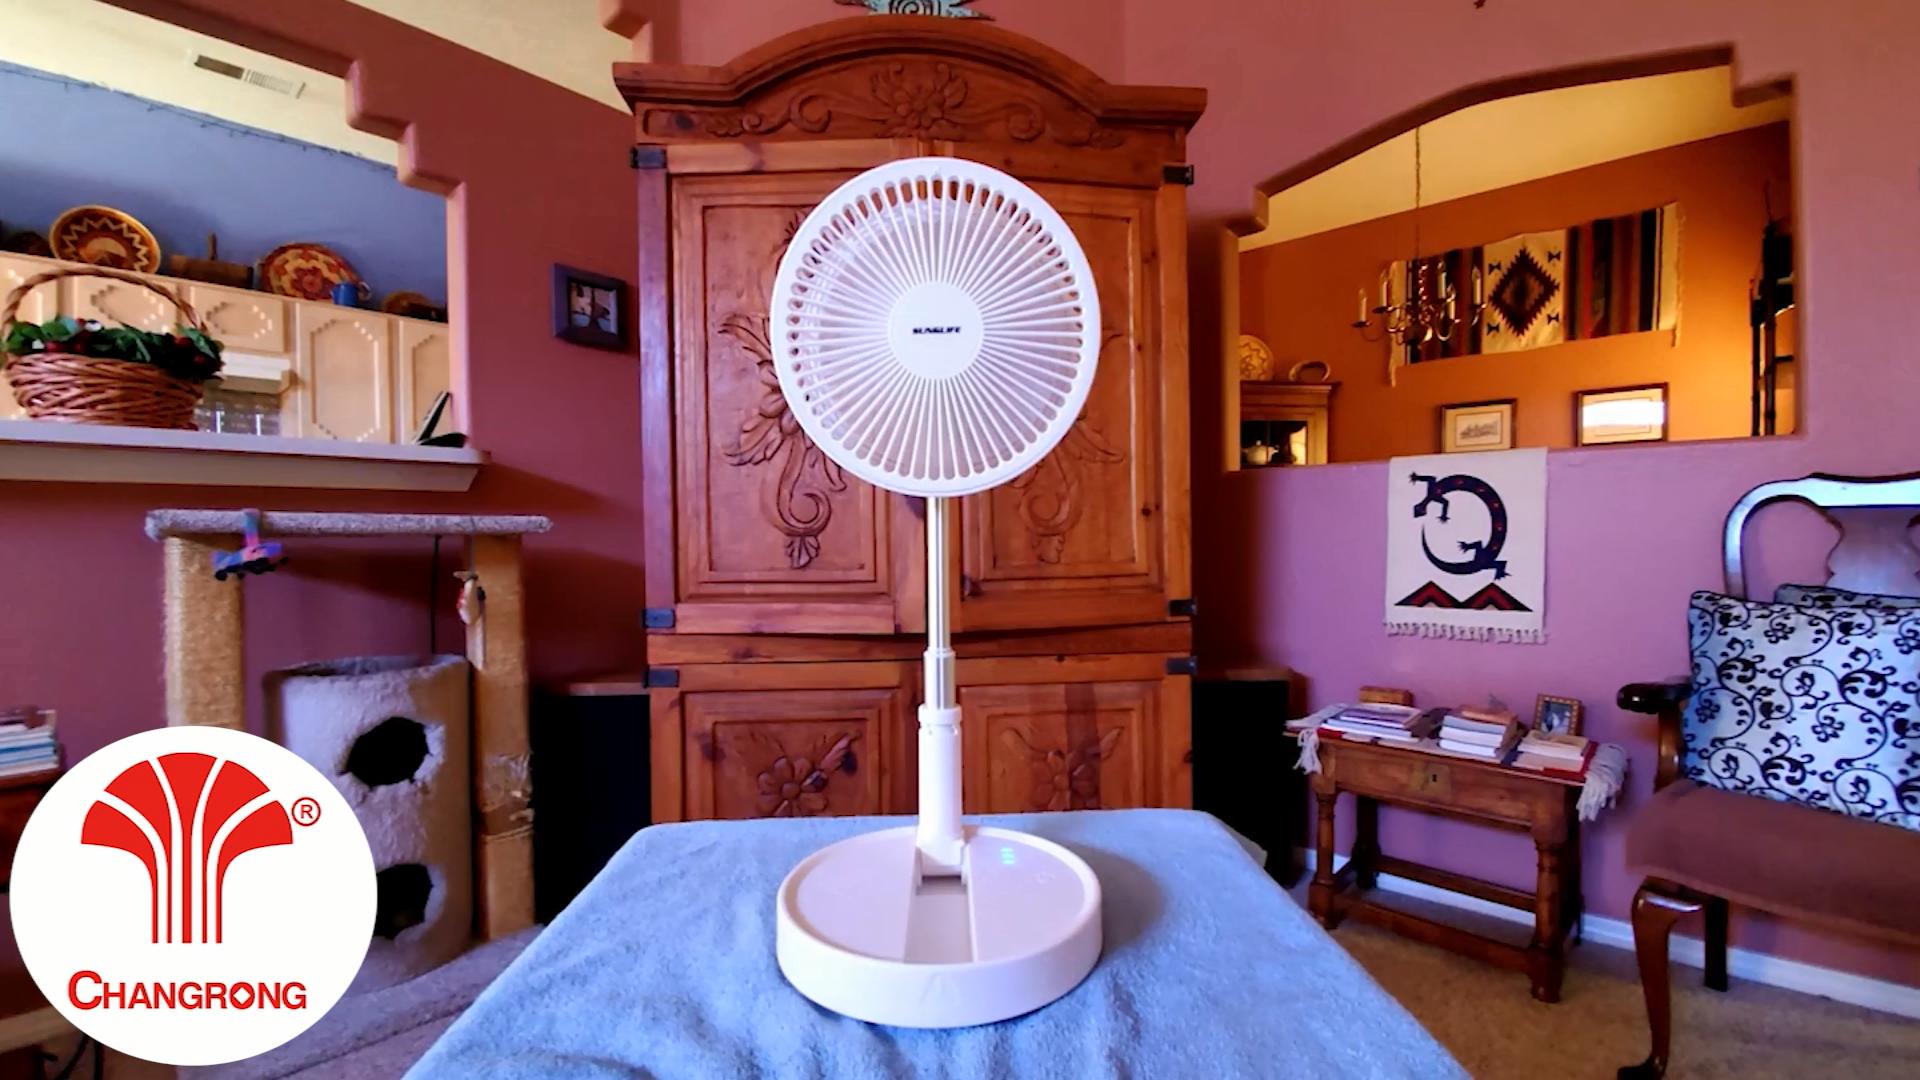 2020 mini fan dc small easy battery charging table fan electric fan